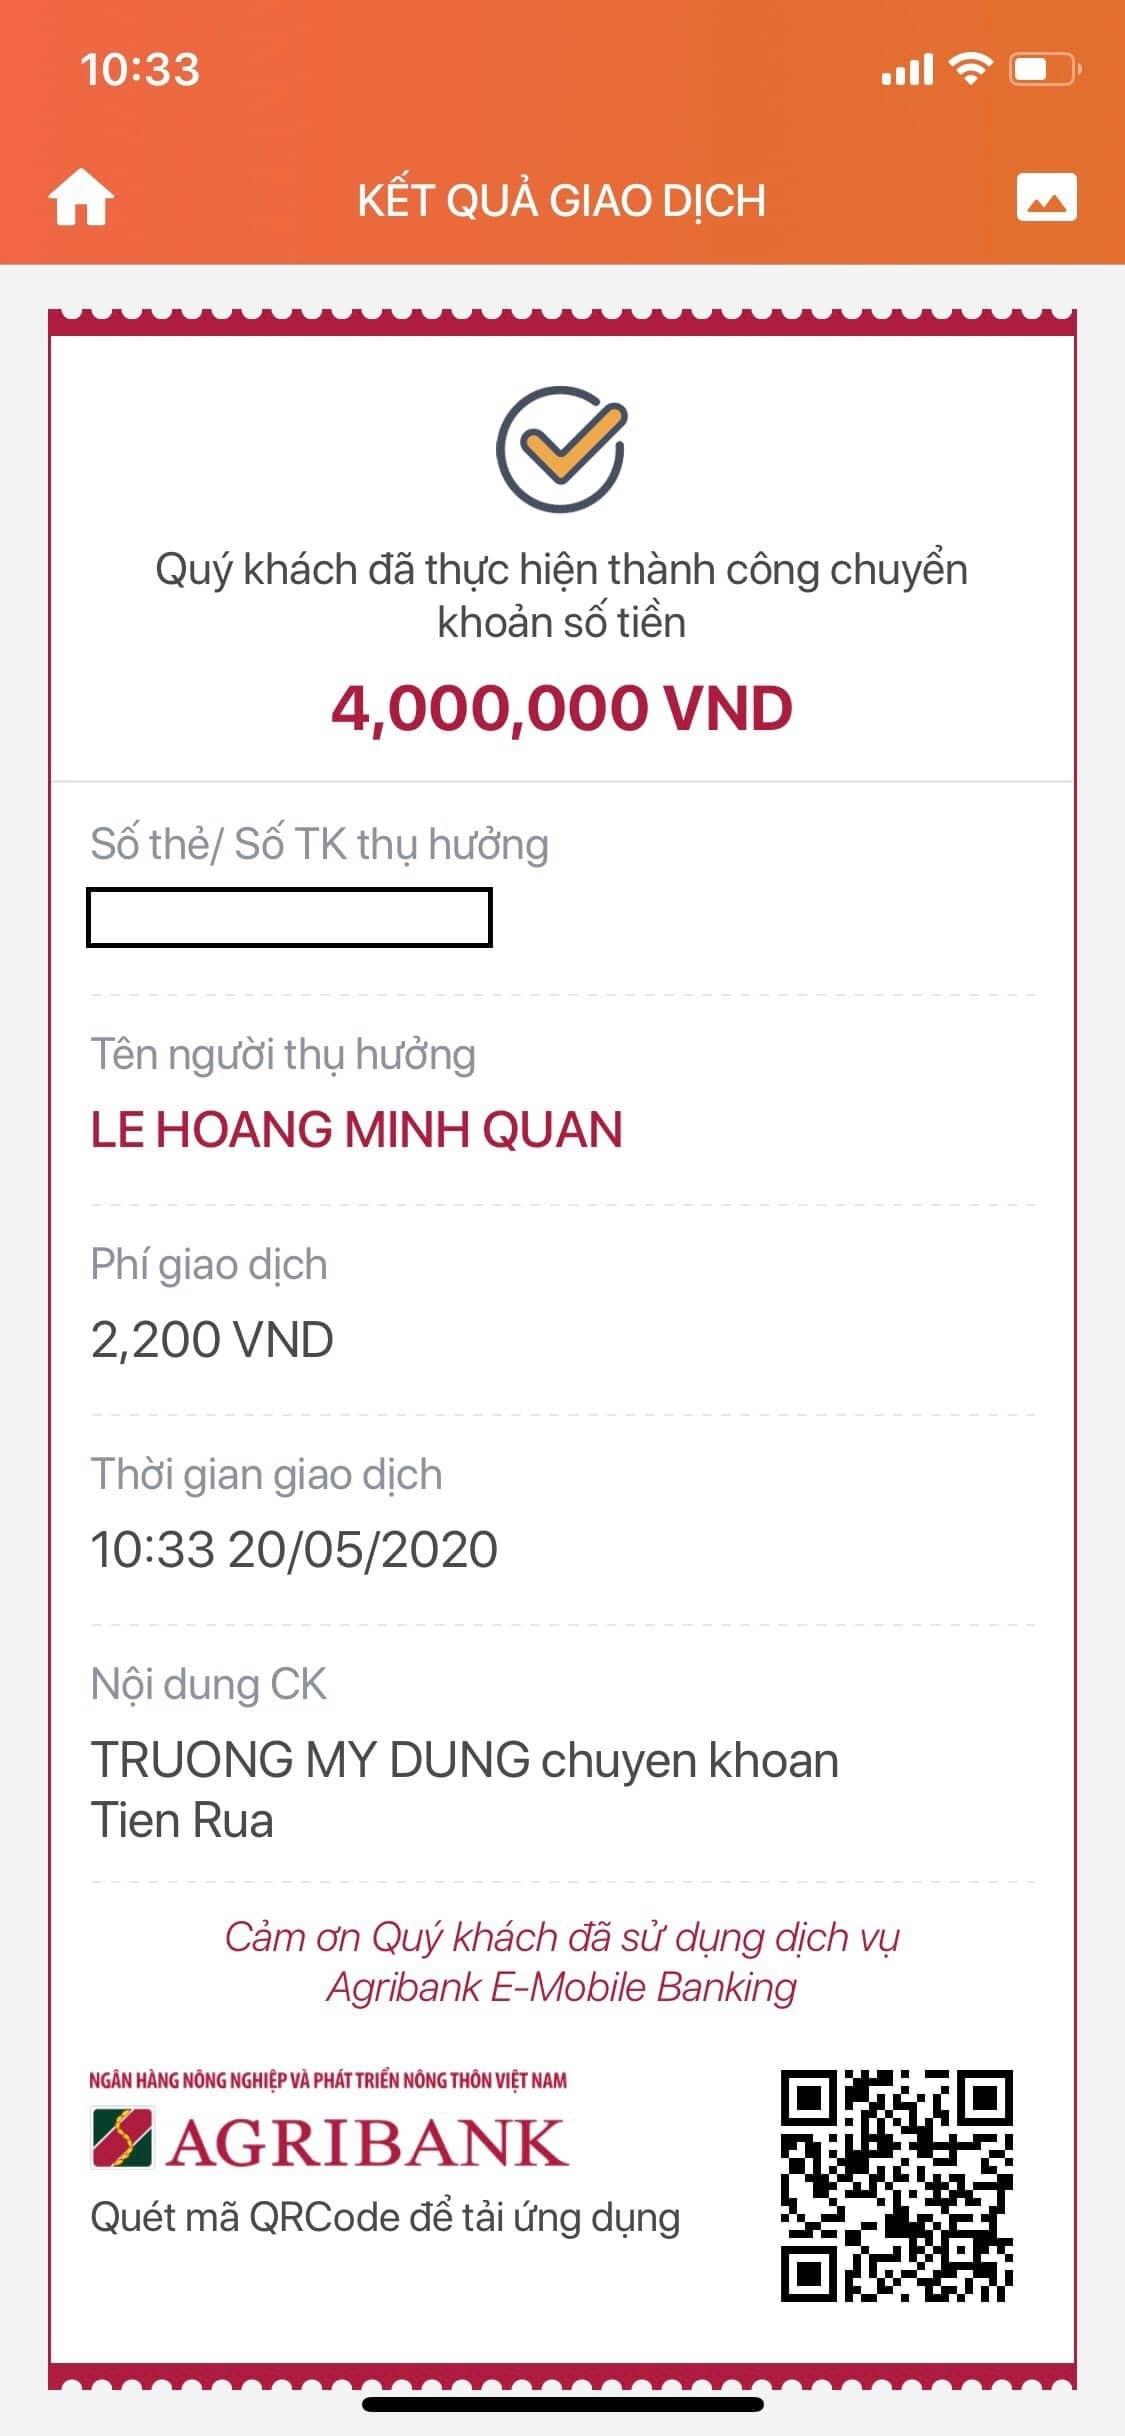 Giá Rùa Sulcata - Rùa Châu Phi Nhập Khẩu Bao Nhiêu? Cập Nhật 2020 21